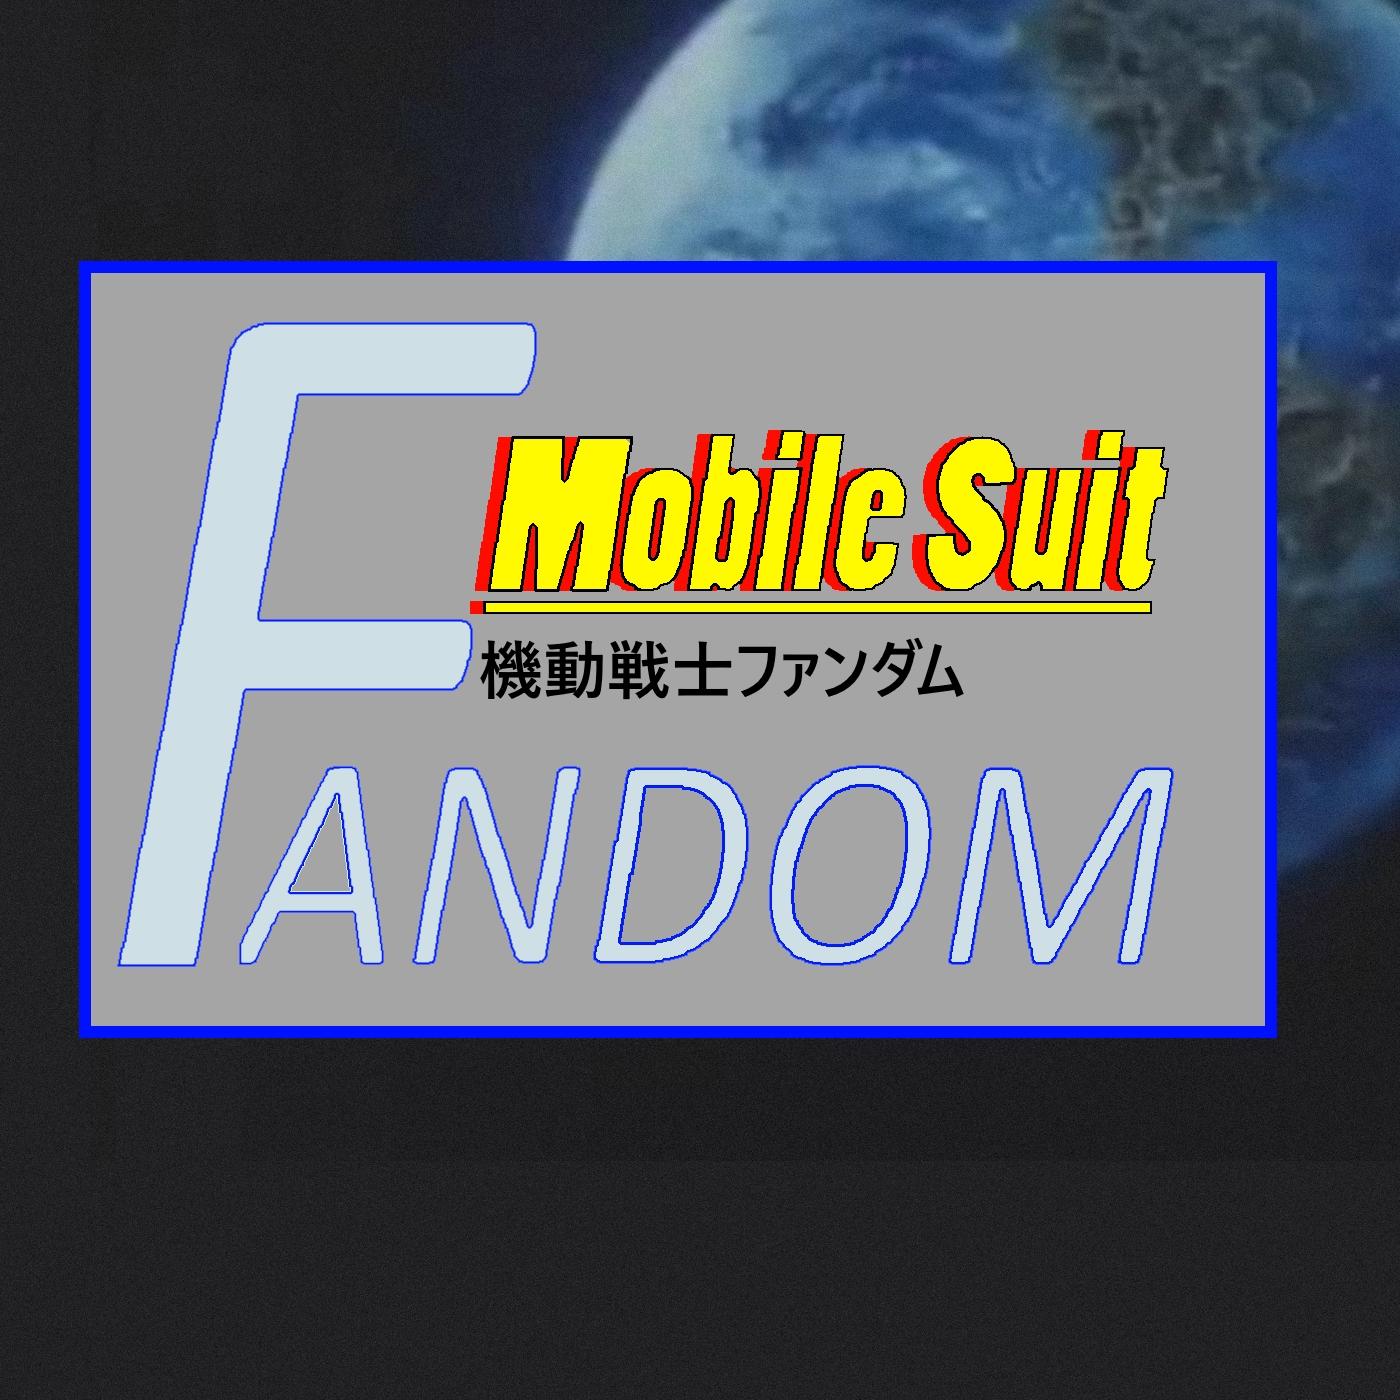 Msf shit logo 2.5reduxelctric2 20 1